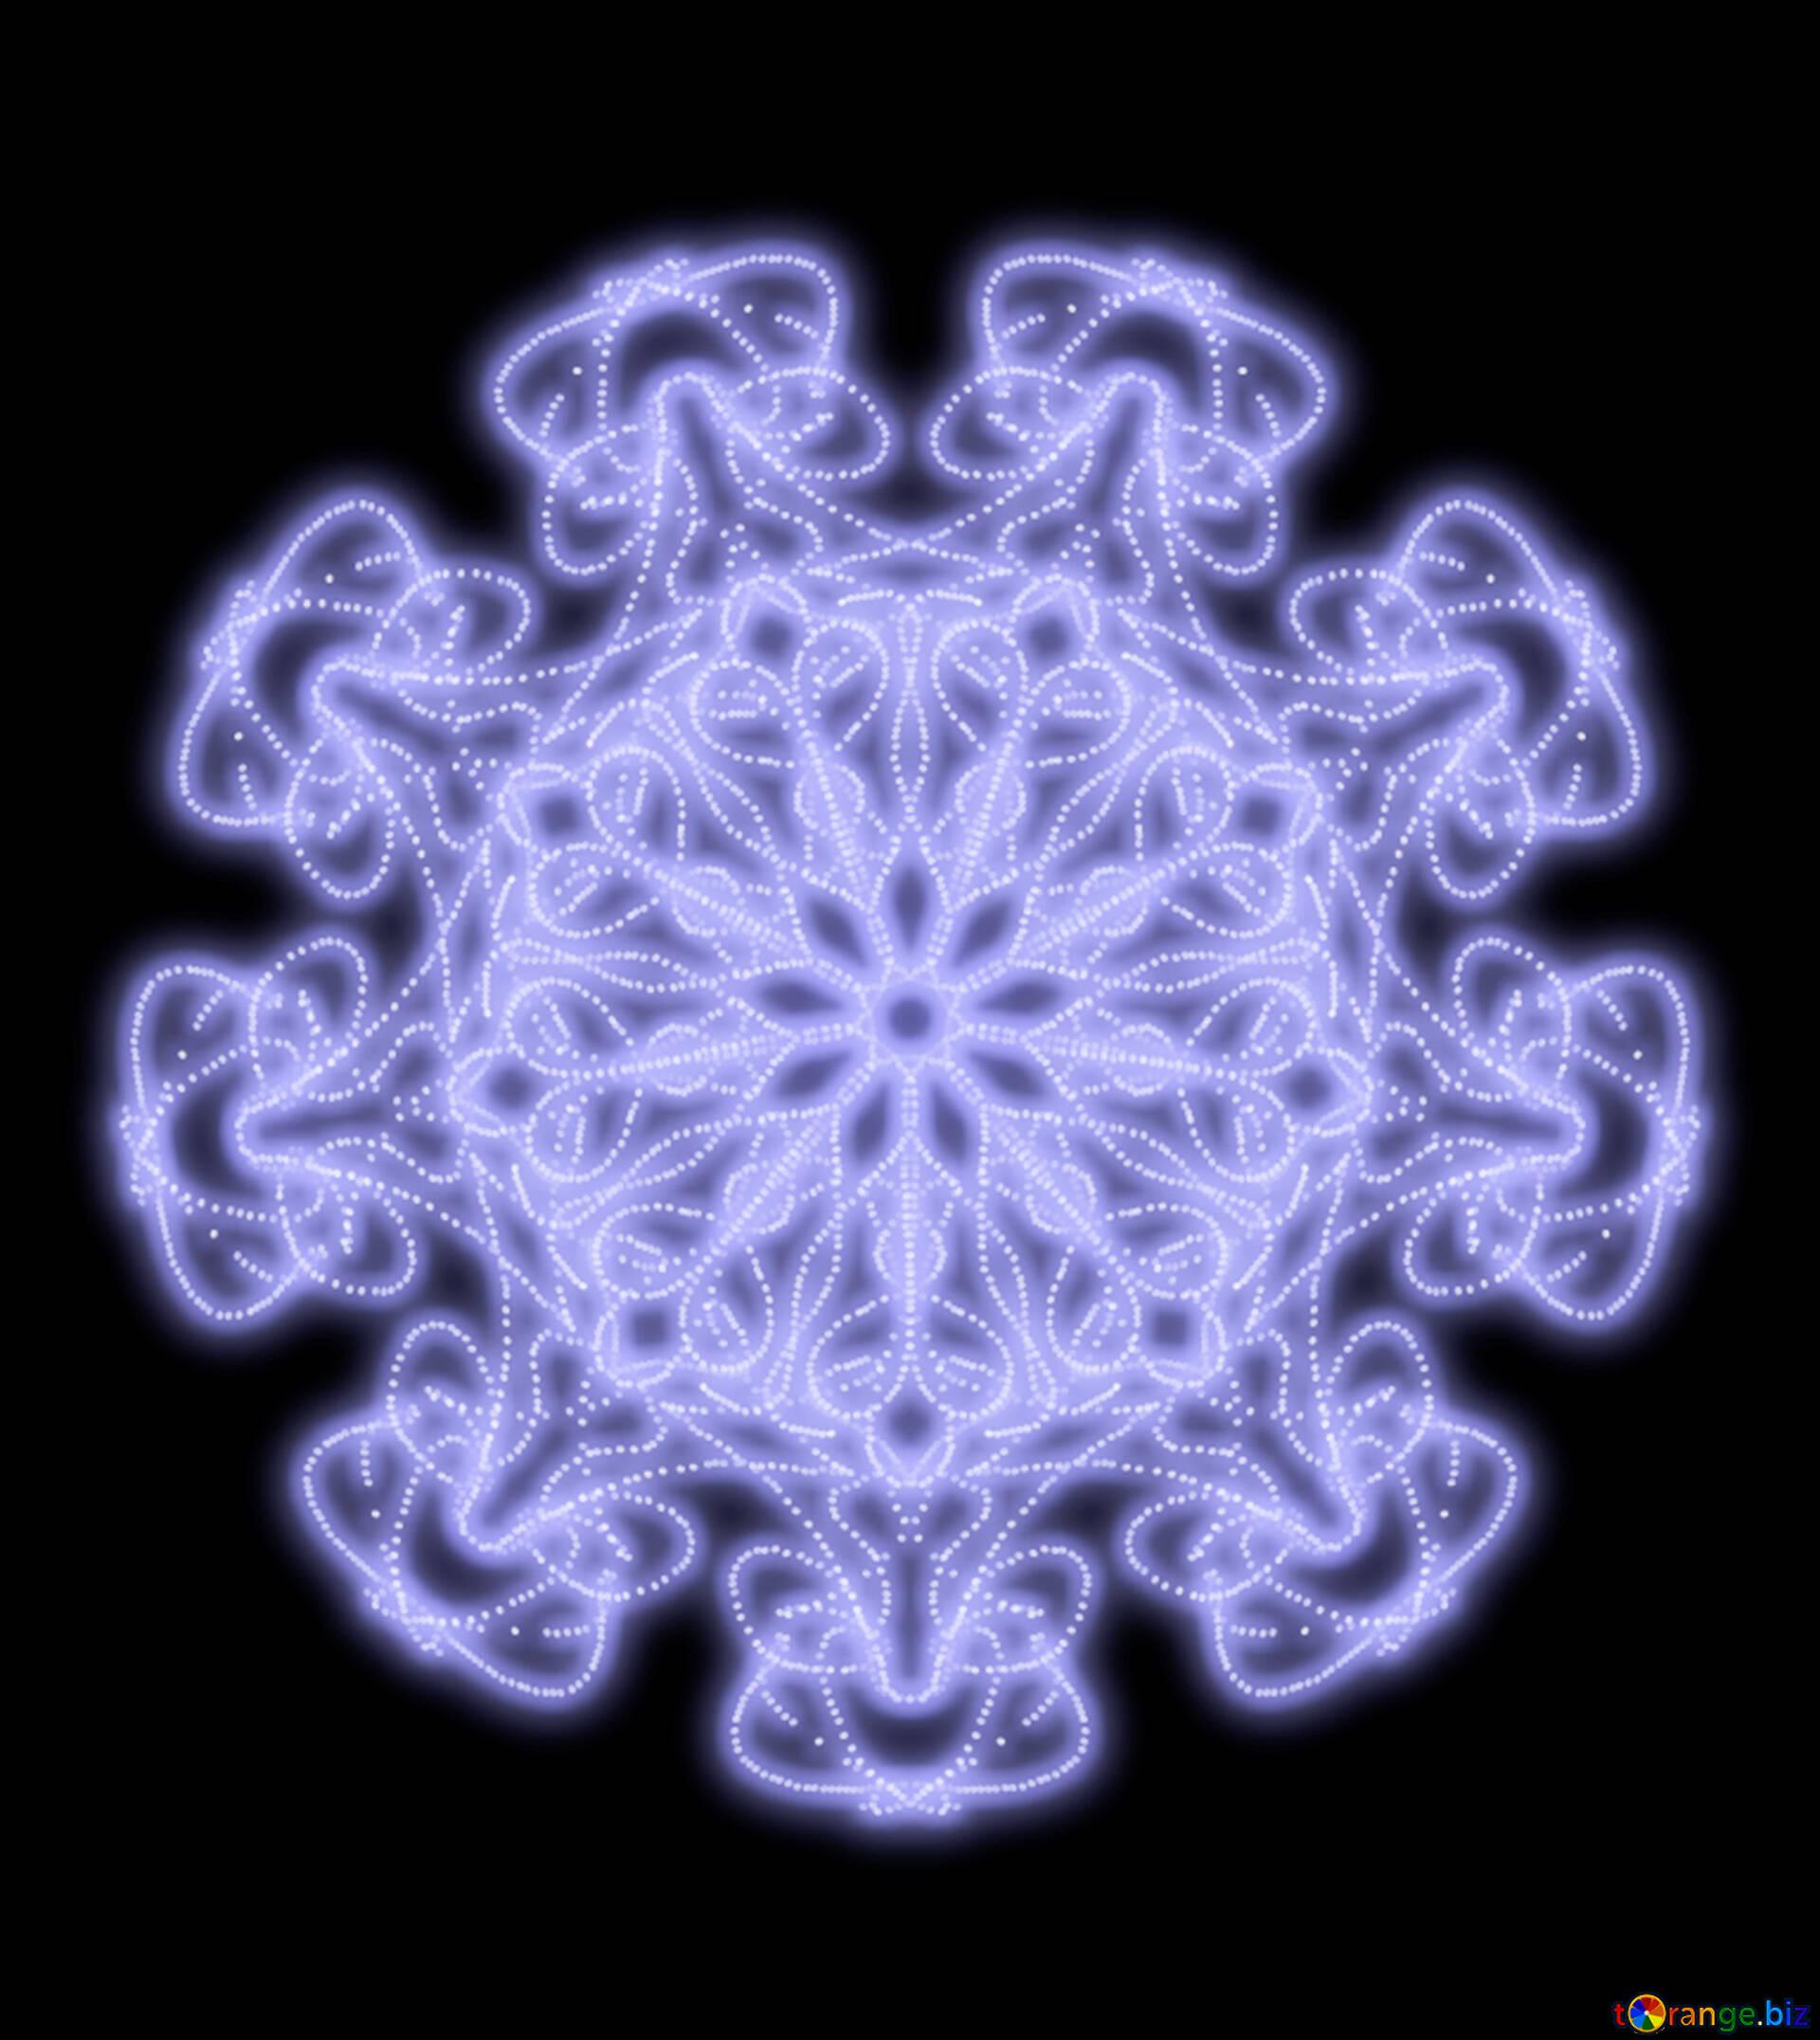 является картинка снежинки радости были